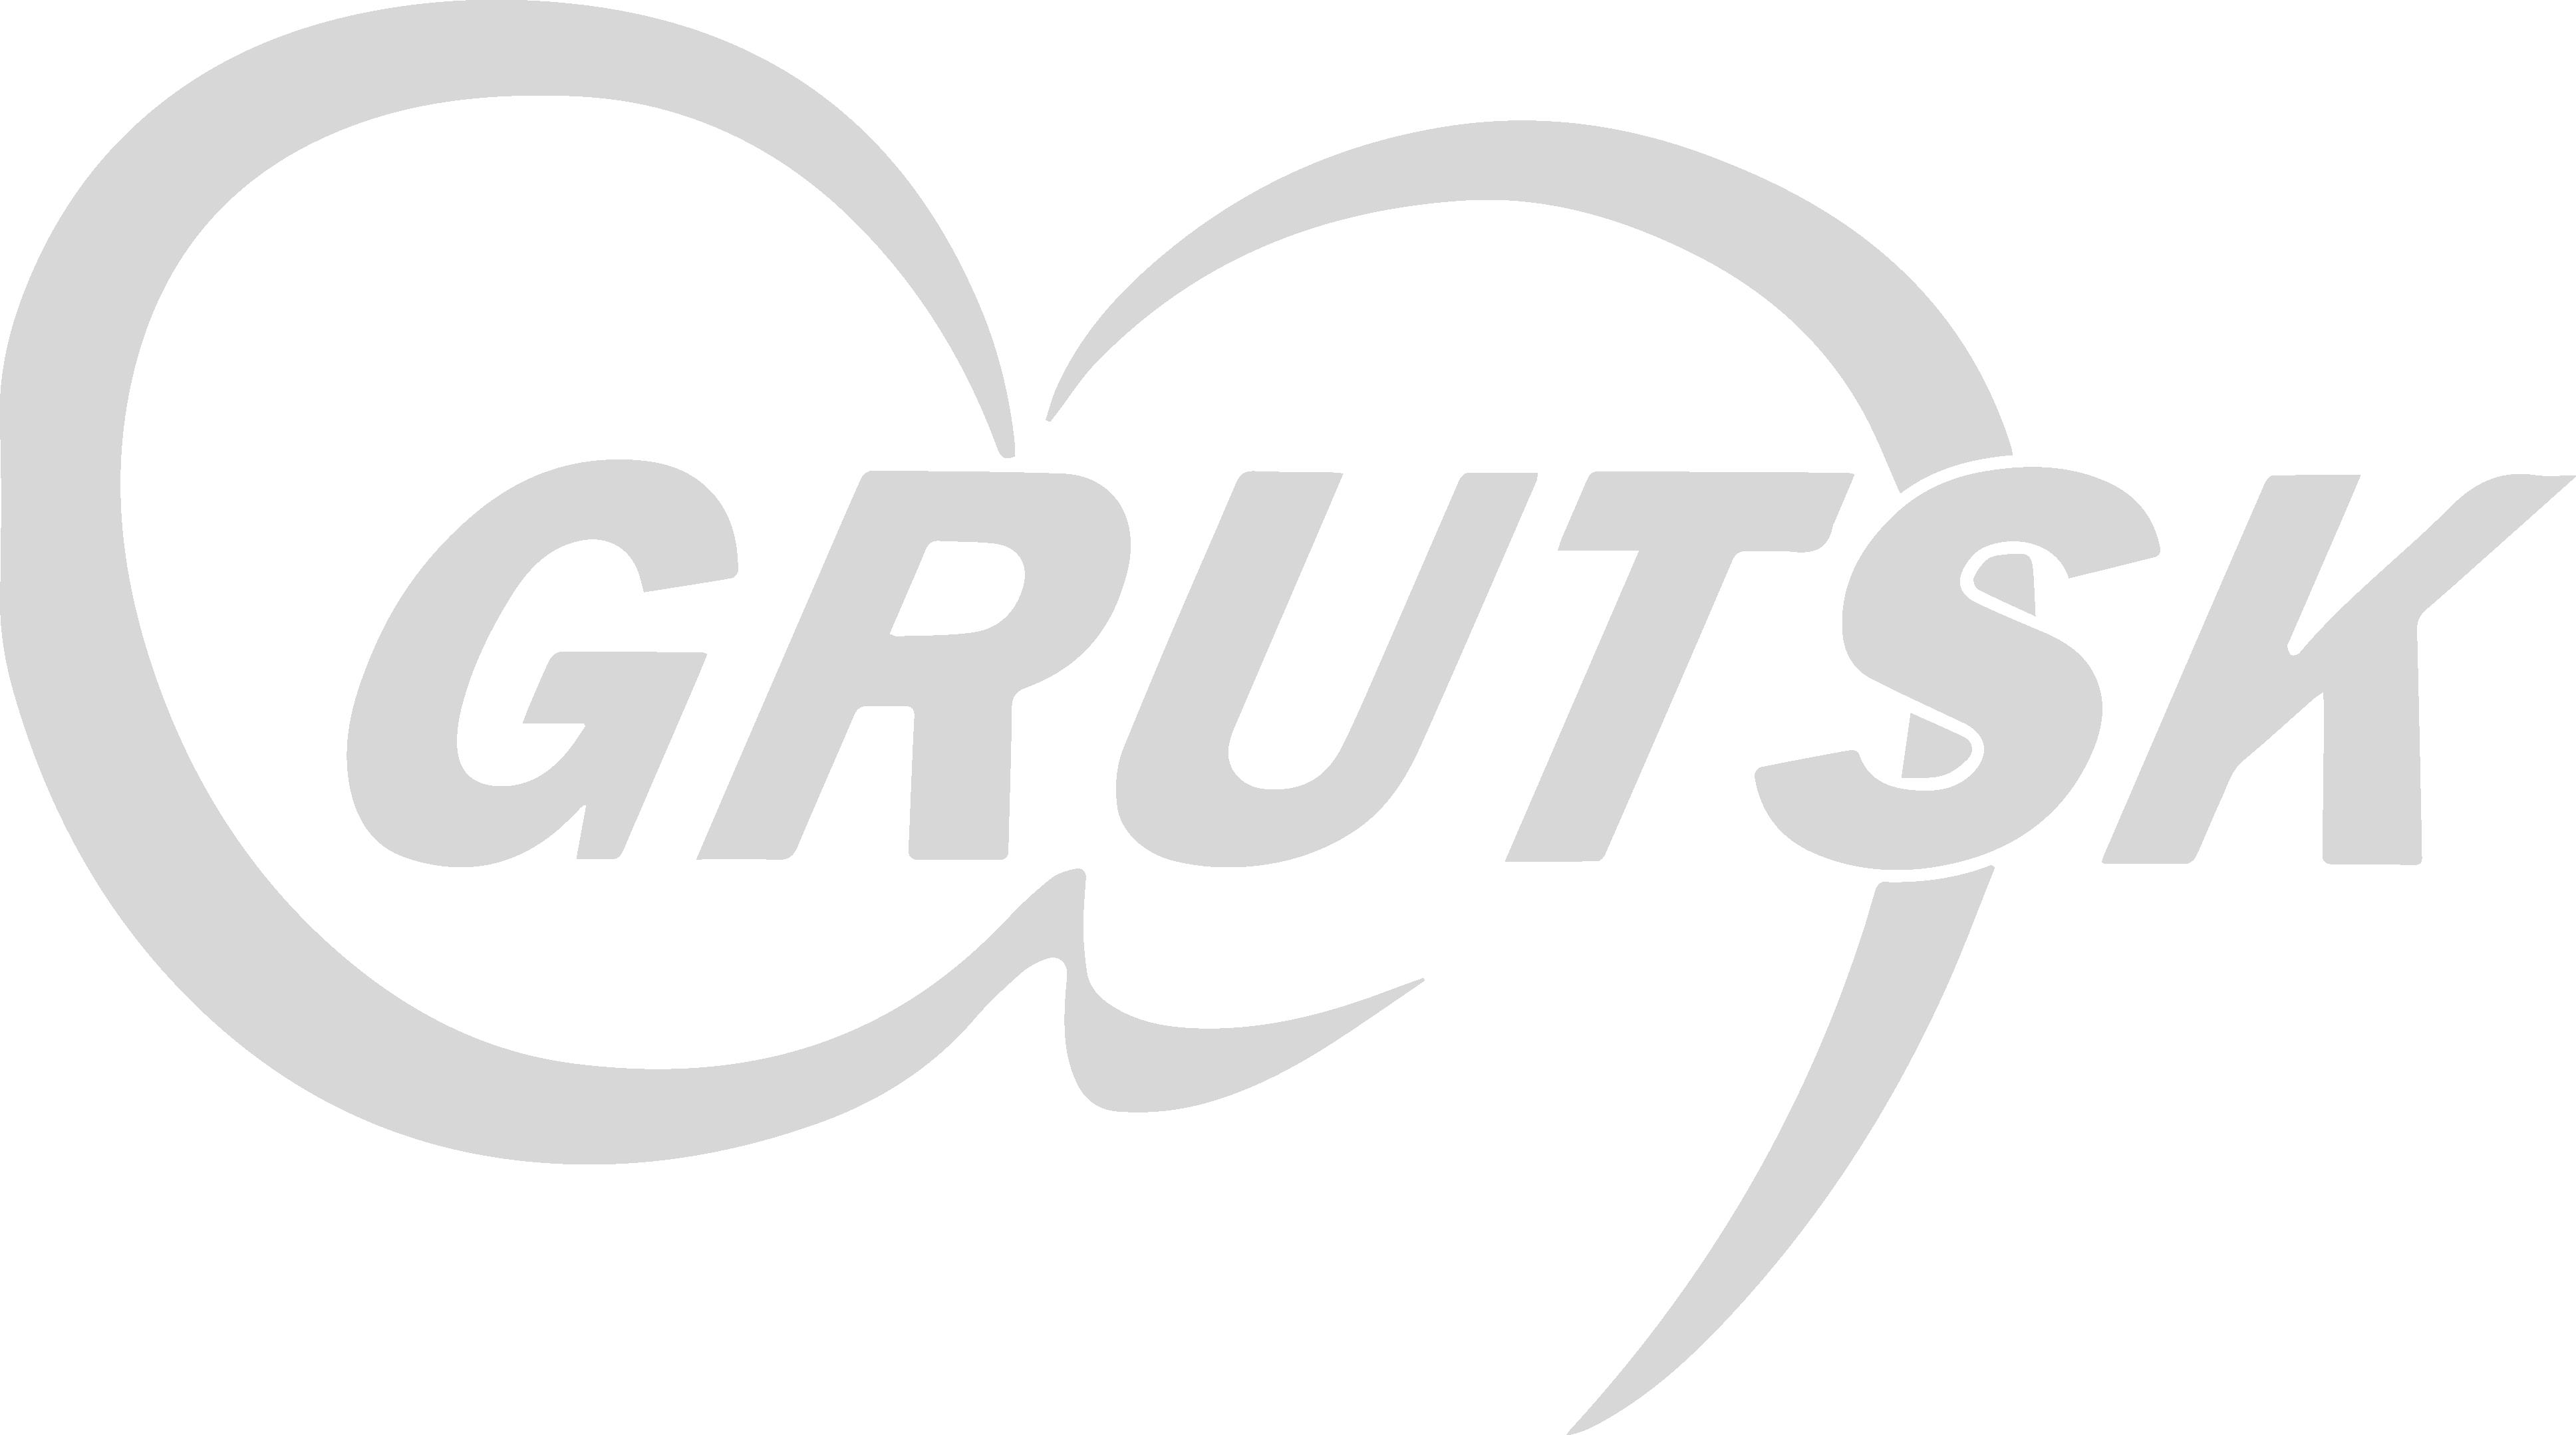 Grutsk